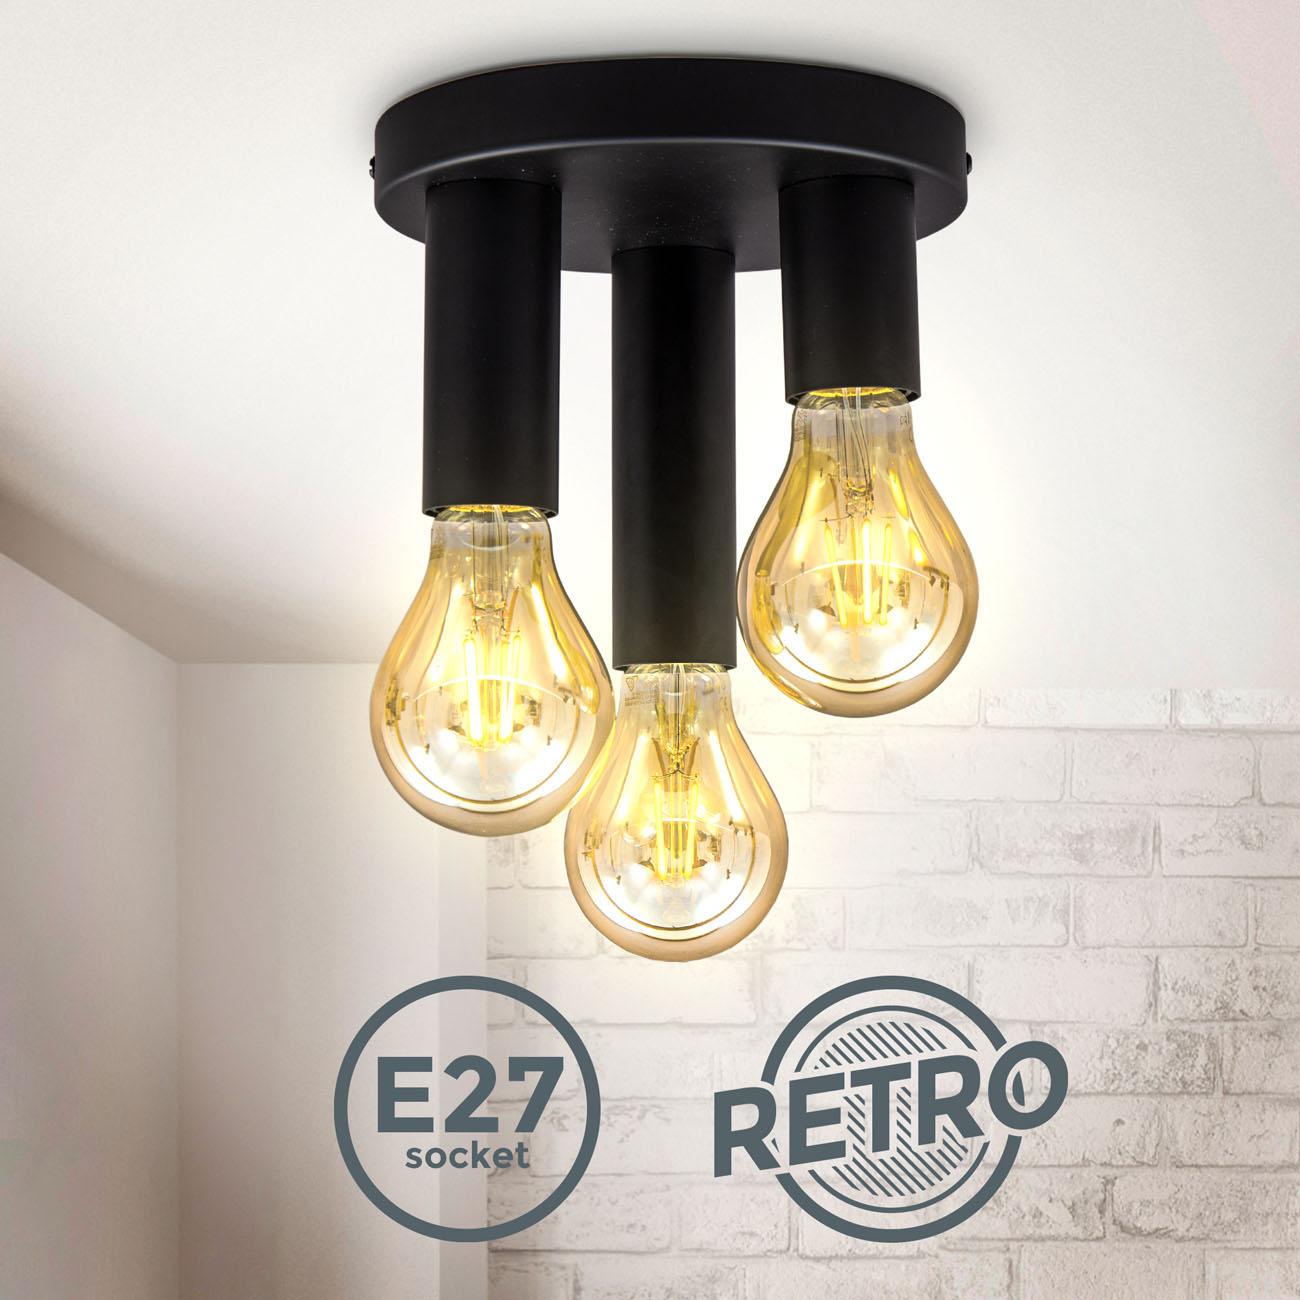 Vintage Deckenleuchte 3-flammig Metall schwarz E27 - 3